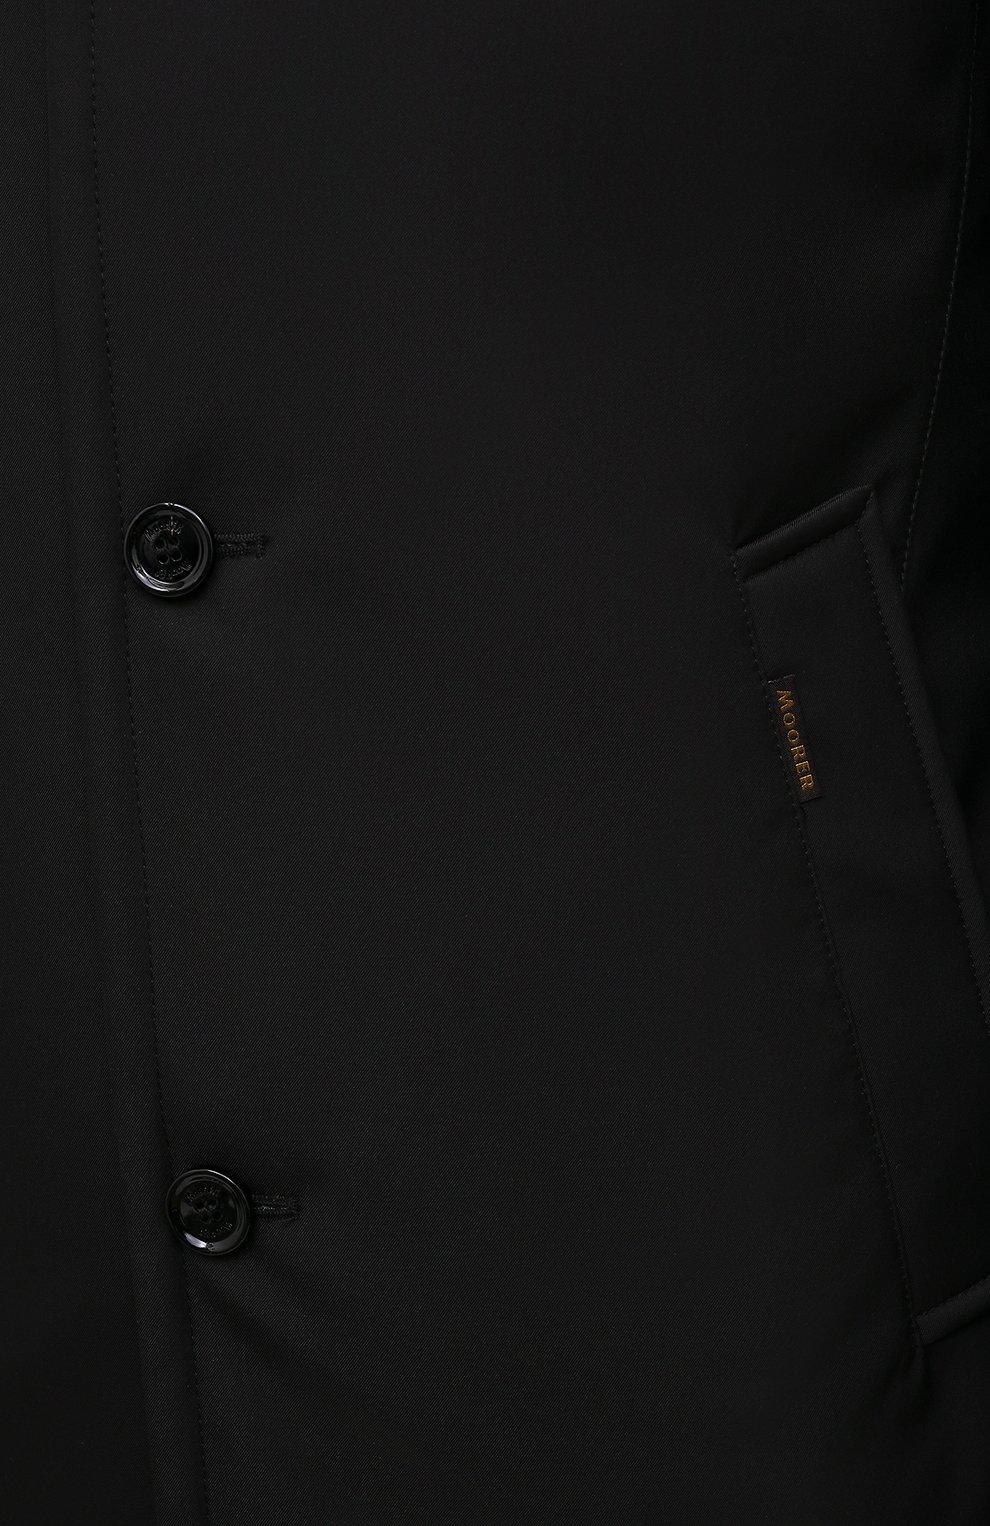 Мужская пуховик bond-wi MOORER черного цвета, арт. B0ND-WI/M0UGI100130-TEPA227   Фото 5 (Кросс-КТ: Куртка; Мужское Кросс-КТ: пуховик-короткий; Рукава: Длинные; Длина (верхняя одежда): До середины бедра; Материал внешний: Синтетический материал; Стили: Классический; Материал подклада: Синтетический материал; Материал утеплителя: Пух и перо)